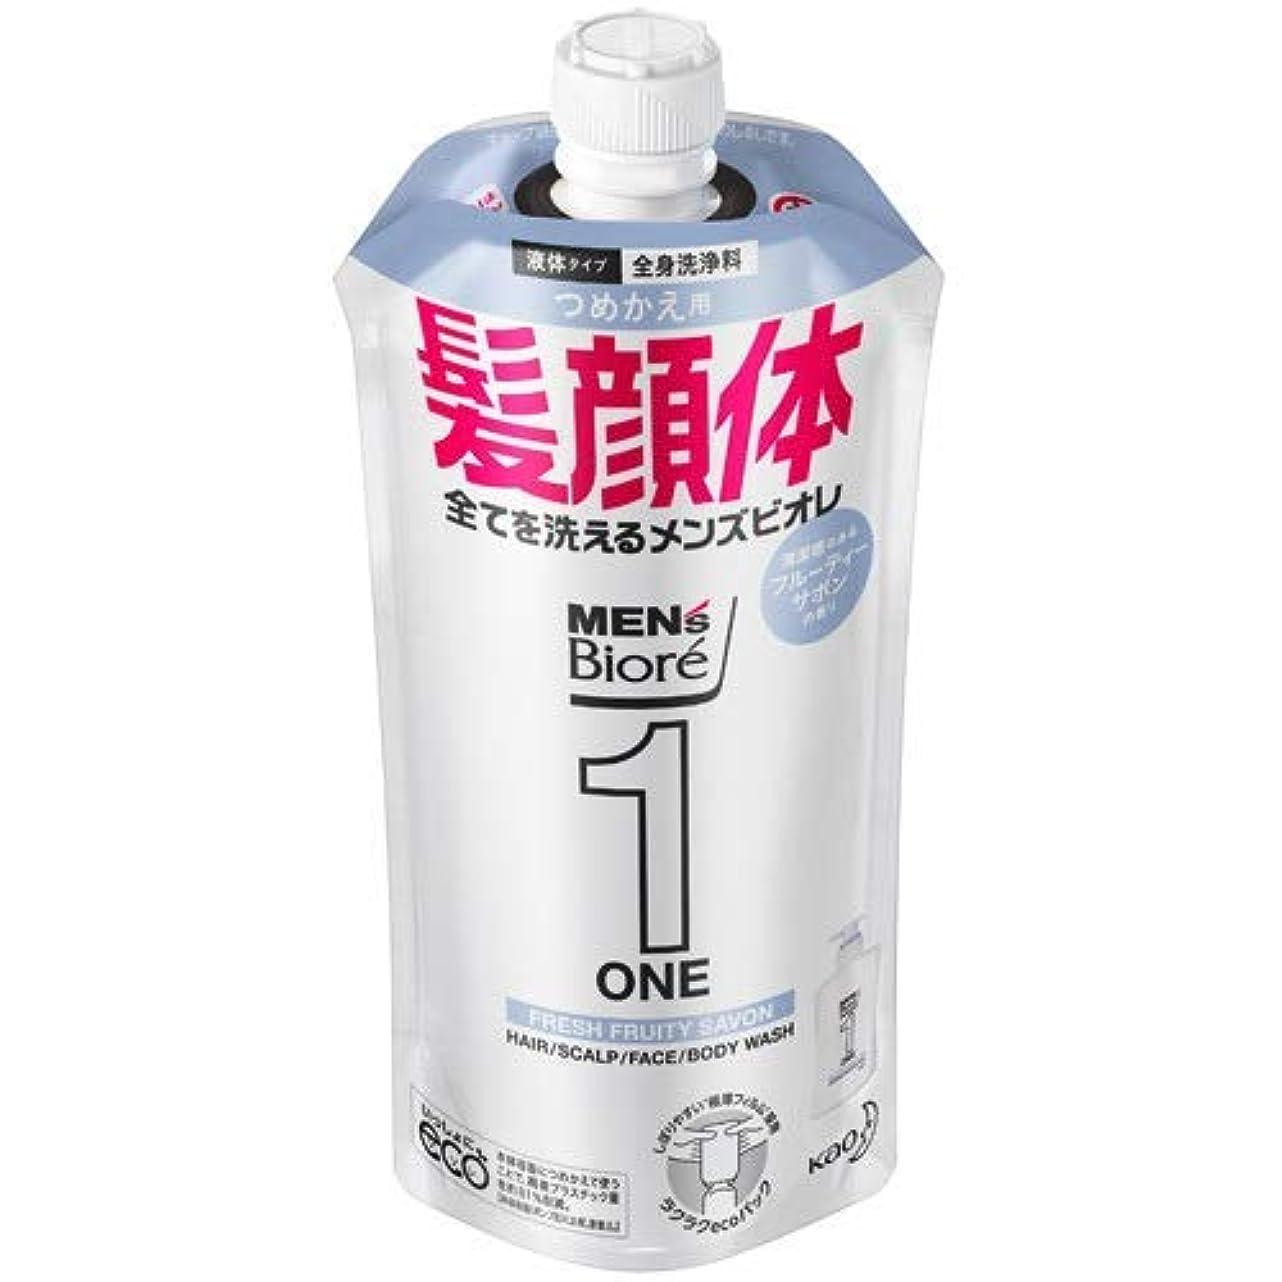 登場プラス密度【10個セット】メンズビオレONE オールインワン全身洗浄料 清潔感のあるフルーティーサボンの香り つめかえ用 340mL